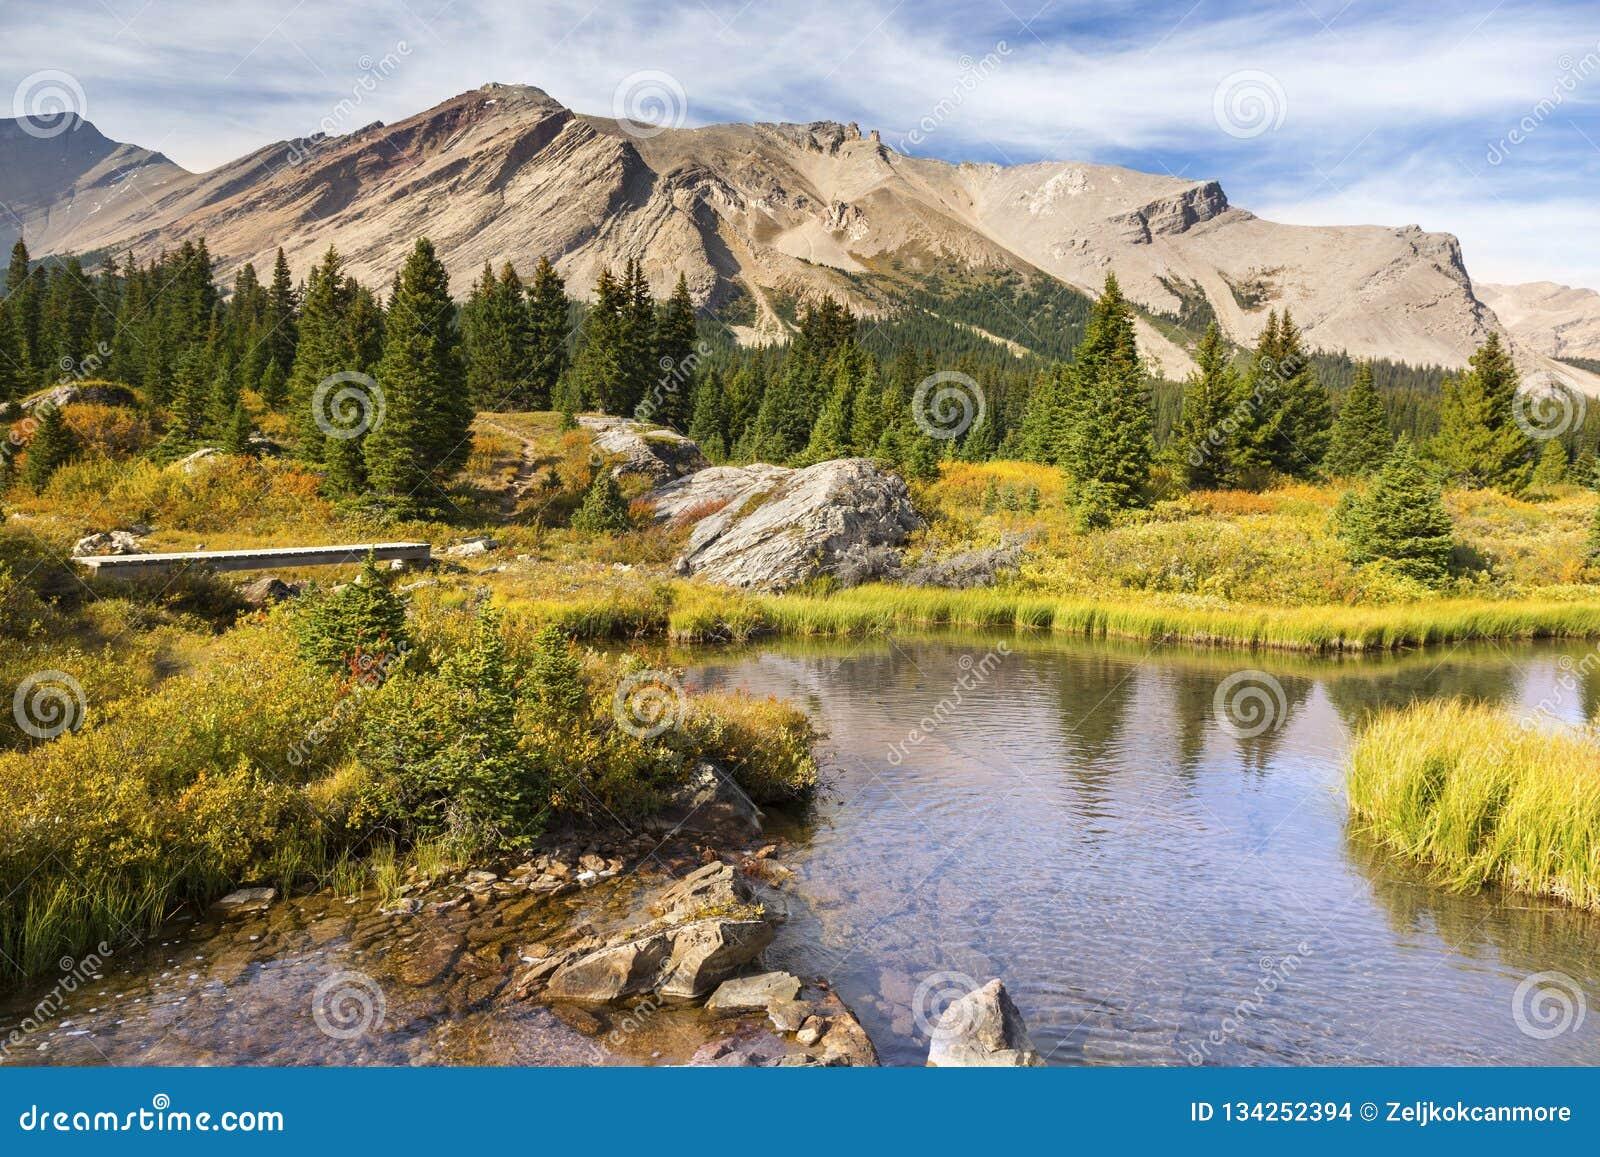 Canadense cênico Montanhas Rochosas do parque nacional de Banff dos lagos red Deer da montanha de Pipestone da paisagem